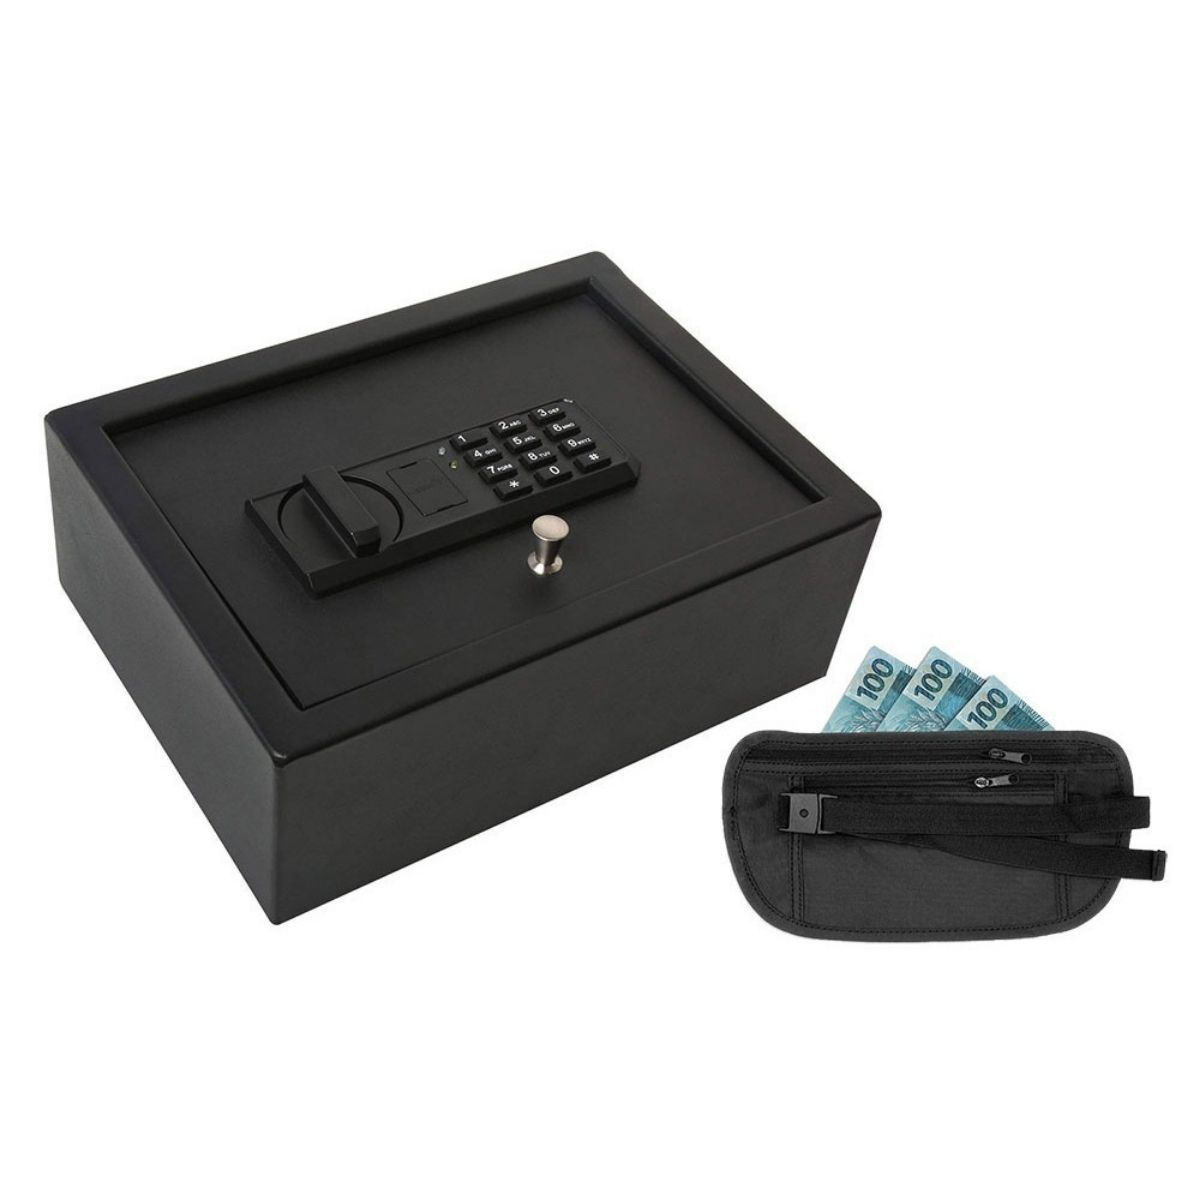 Kit Cofre Digital De Gaveta Com Senha Blindado Porta Dólar Primícias Ou Arma De Fogo 2 Chaves De Emergência Segurança - Ivation IVA01 - FULLFILMENT JULINETSHOP